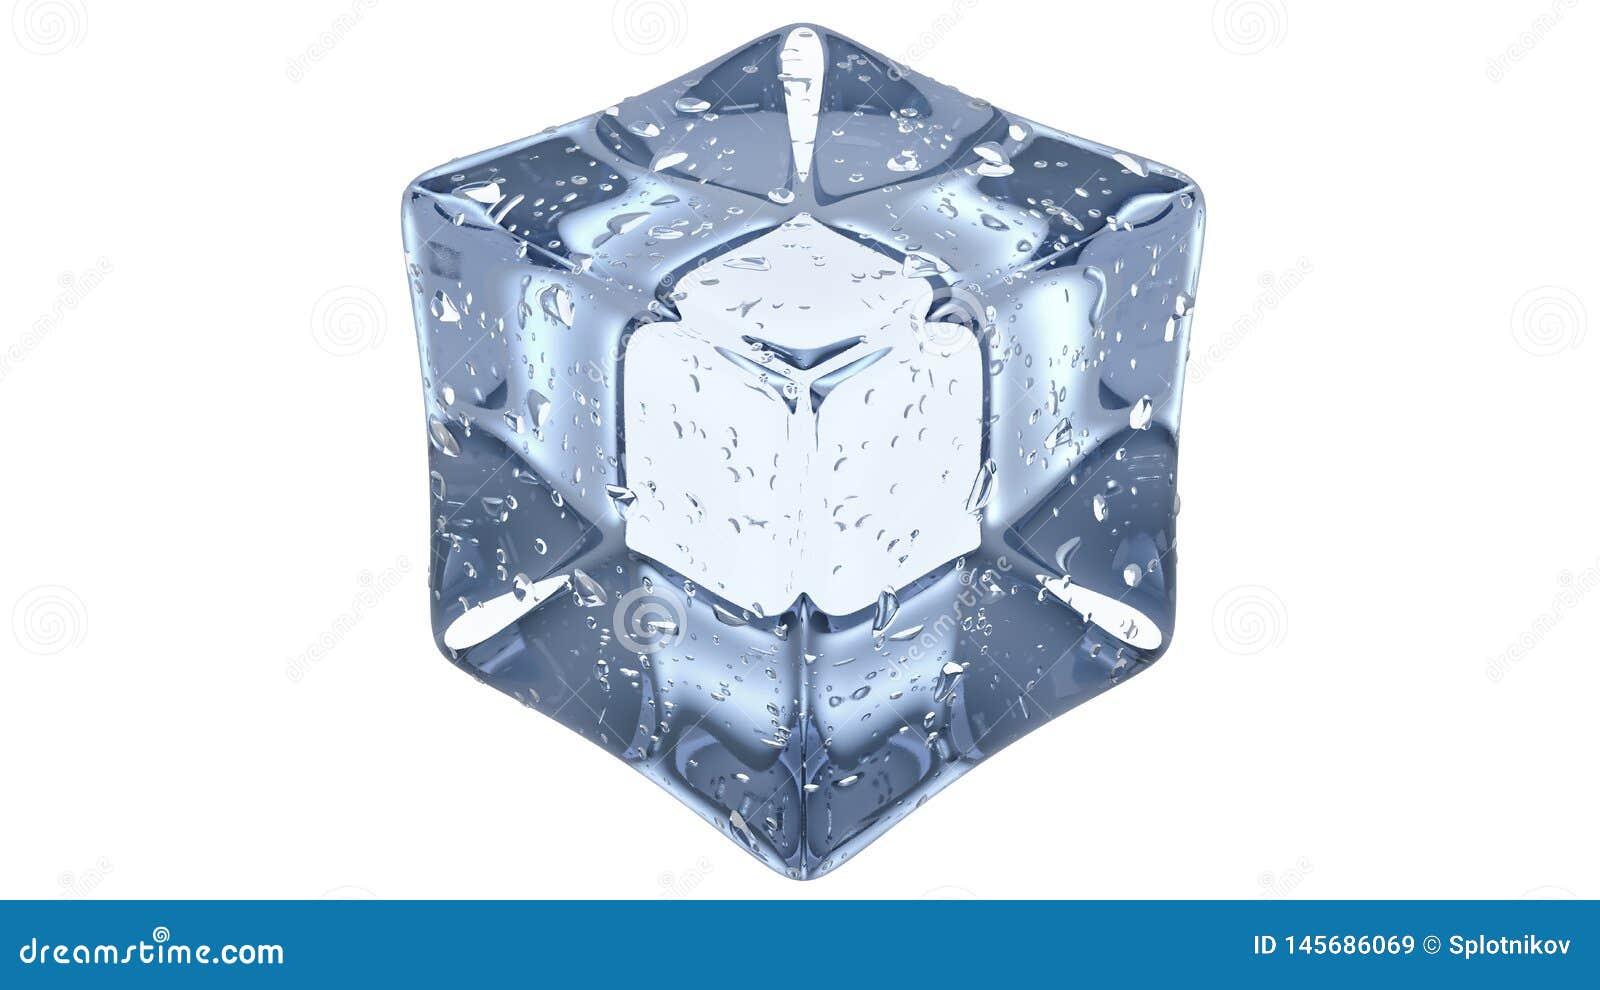 Crystal Clear Artificial Acrylic Ice berechnet der quadratischen Form 3D ?bertragen auf einem wei?en Hintergrund